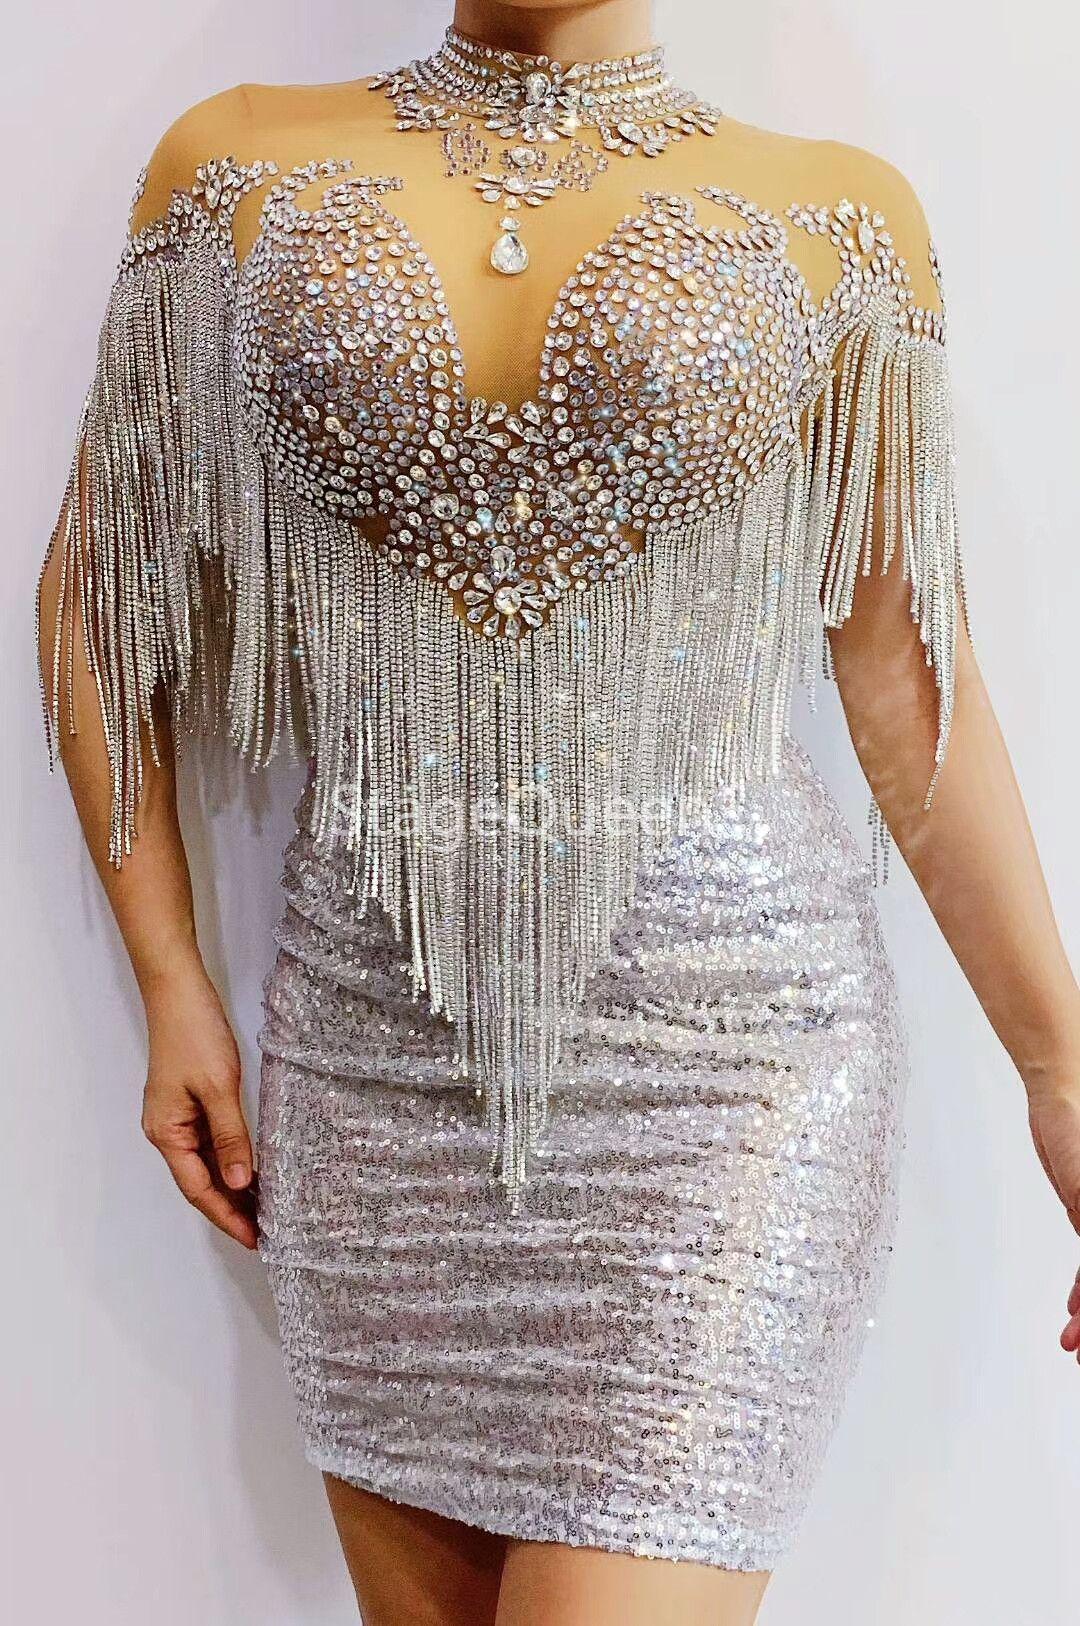 Compleanno 2 Stile lampeggiante Strass frangia Paillettes vestito delle donne Festeggia vestiti di gala ballerino Bar Prom Dress